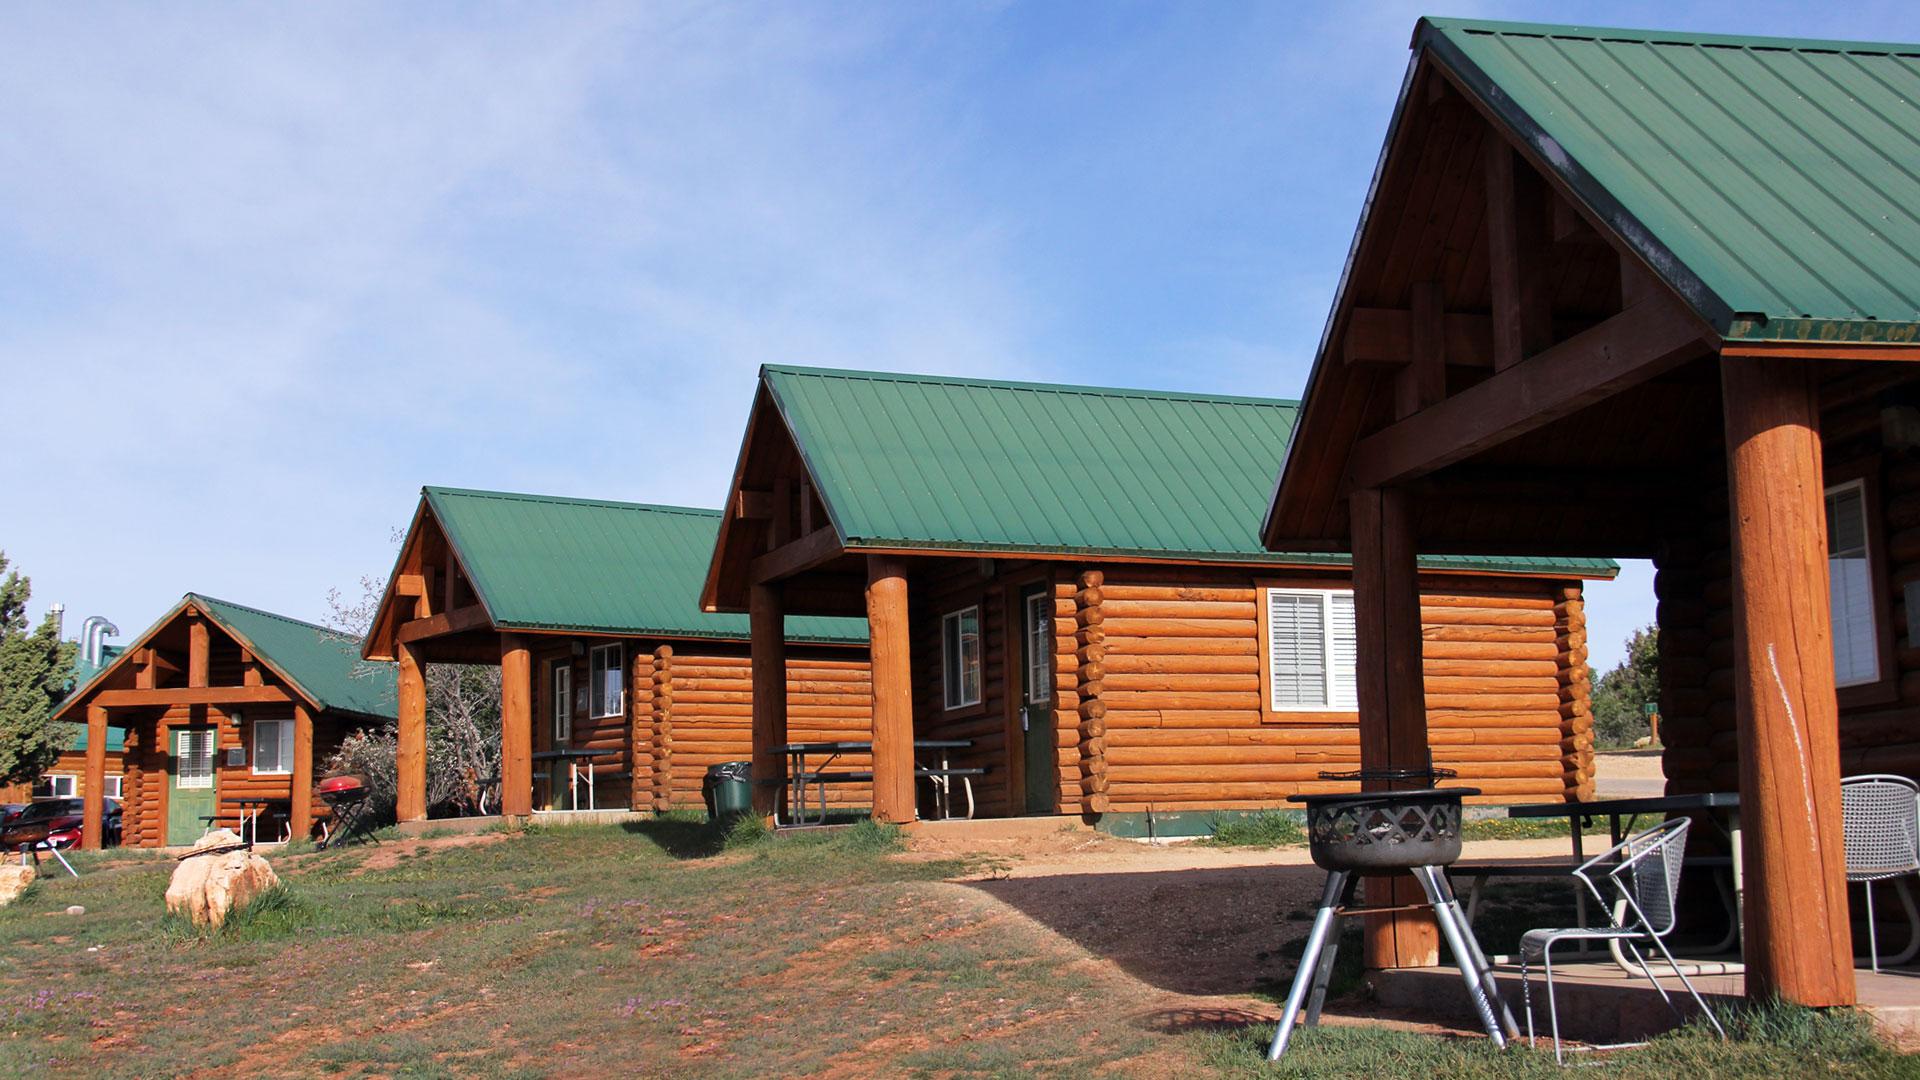 Zion National Park Cabins  Cowboy Cabins  Zion Ponderosa